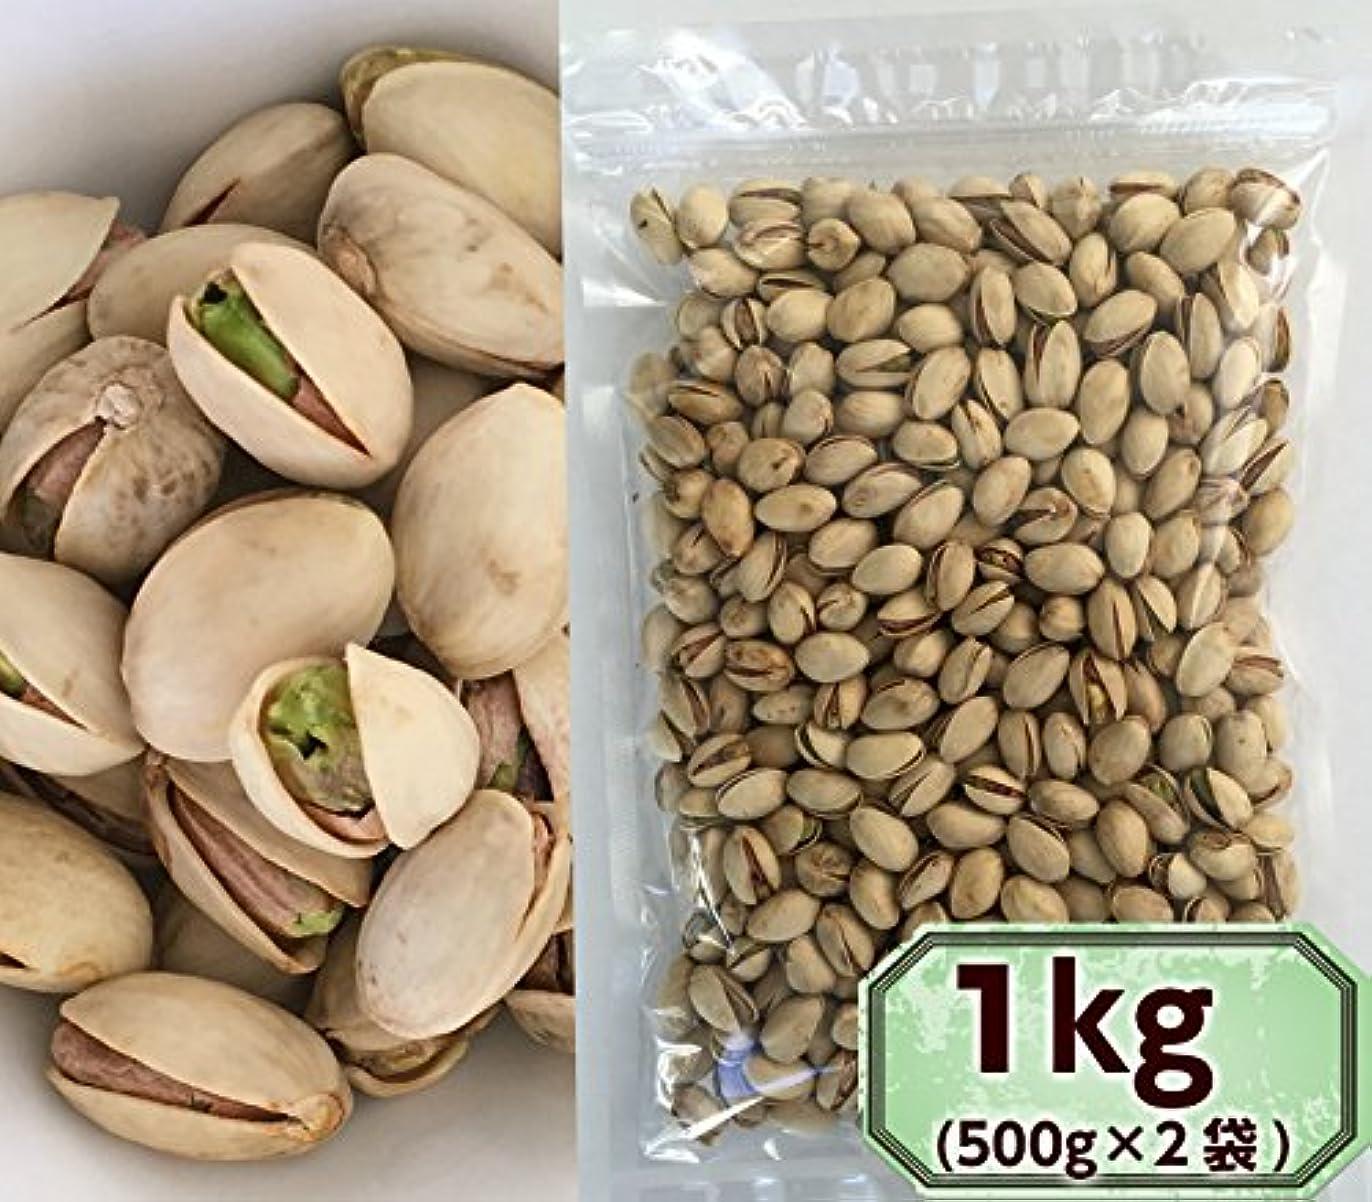 ジャンル石化する爵素焼きピスタチオ 1kg 無塩 無添加 殻付き (500g×2袋)